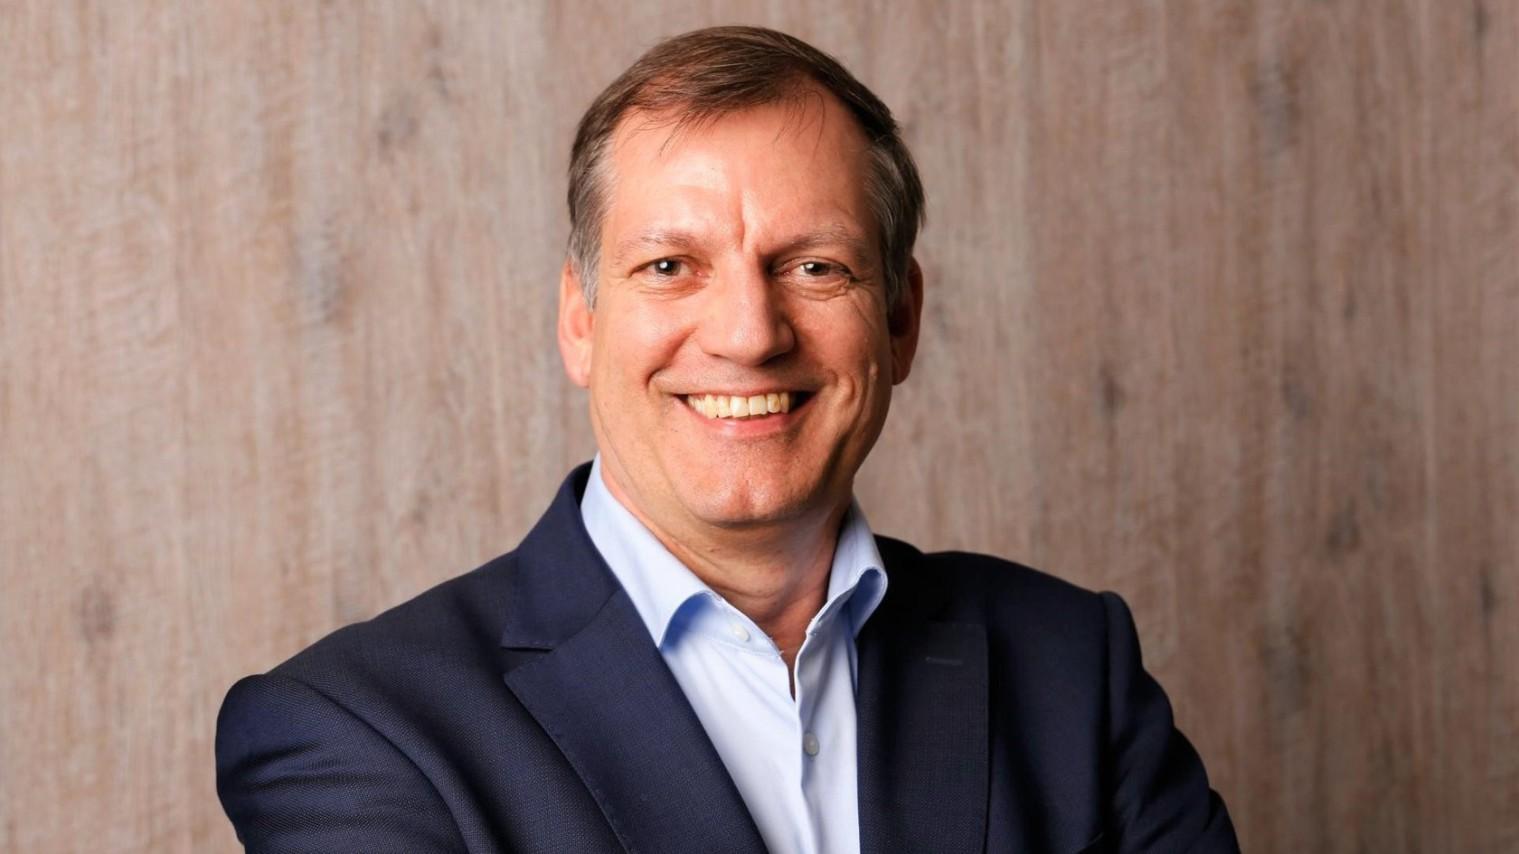 Führungskräfte Coaching Life- und Businesscoach Executive Coach Training Führungskräfte Bayern München Augsburg Online